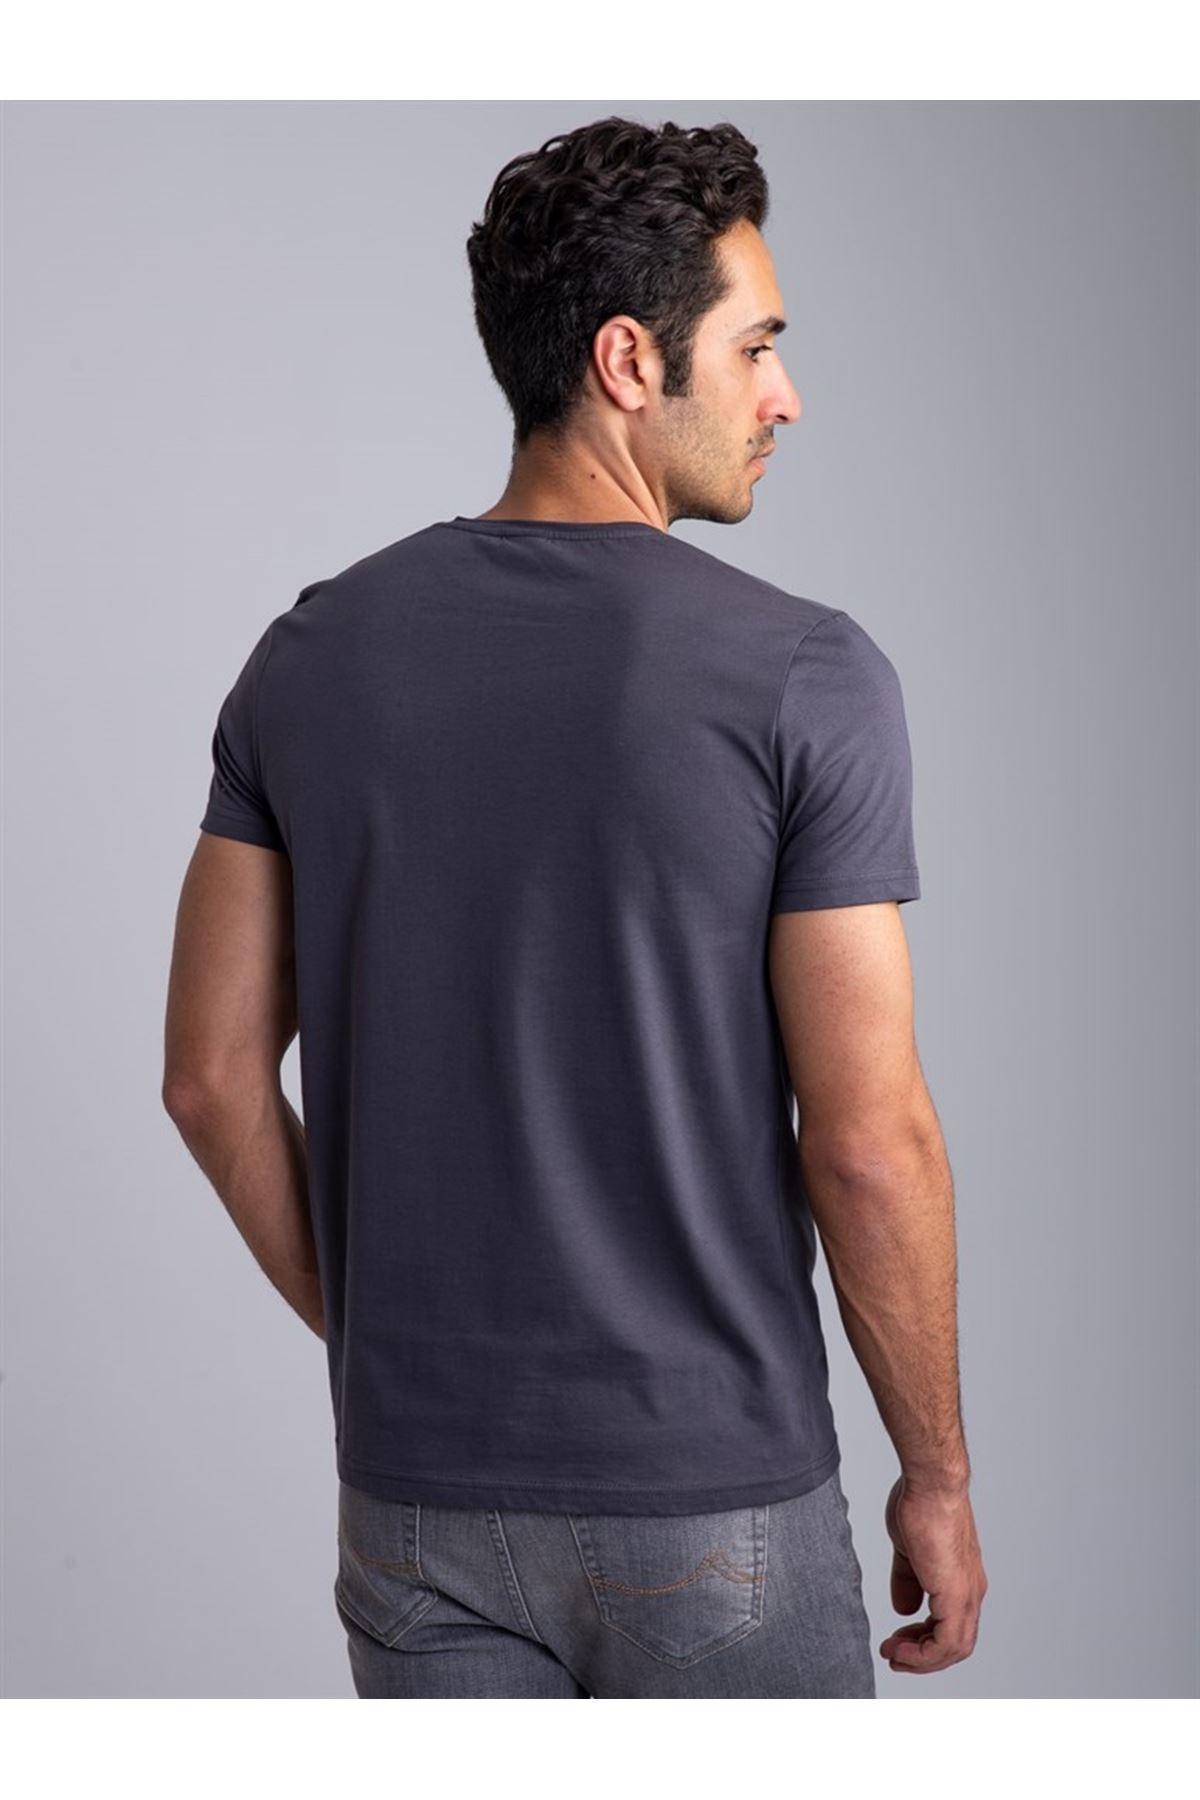 Erkek Antrasit Bisiklet Yaka Düz Likralı Basic Tişört Tshirt